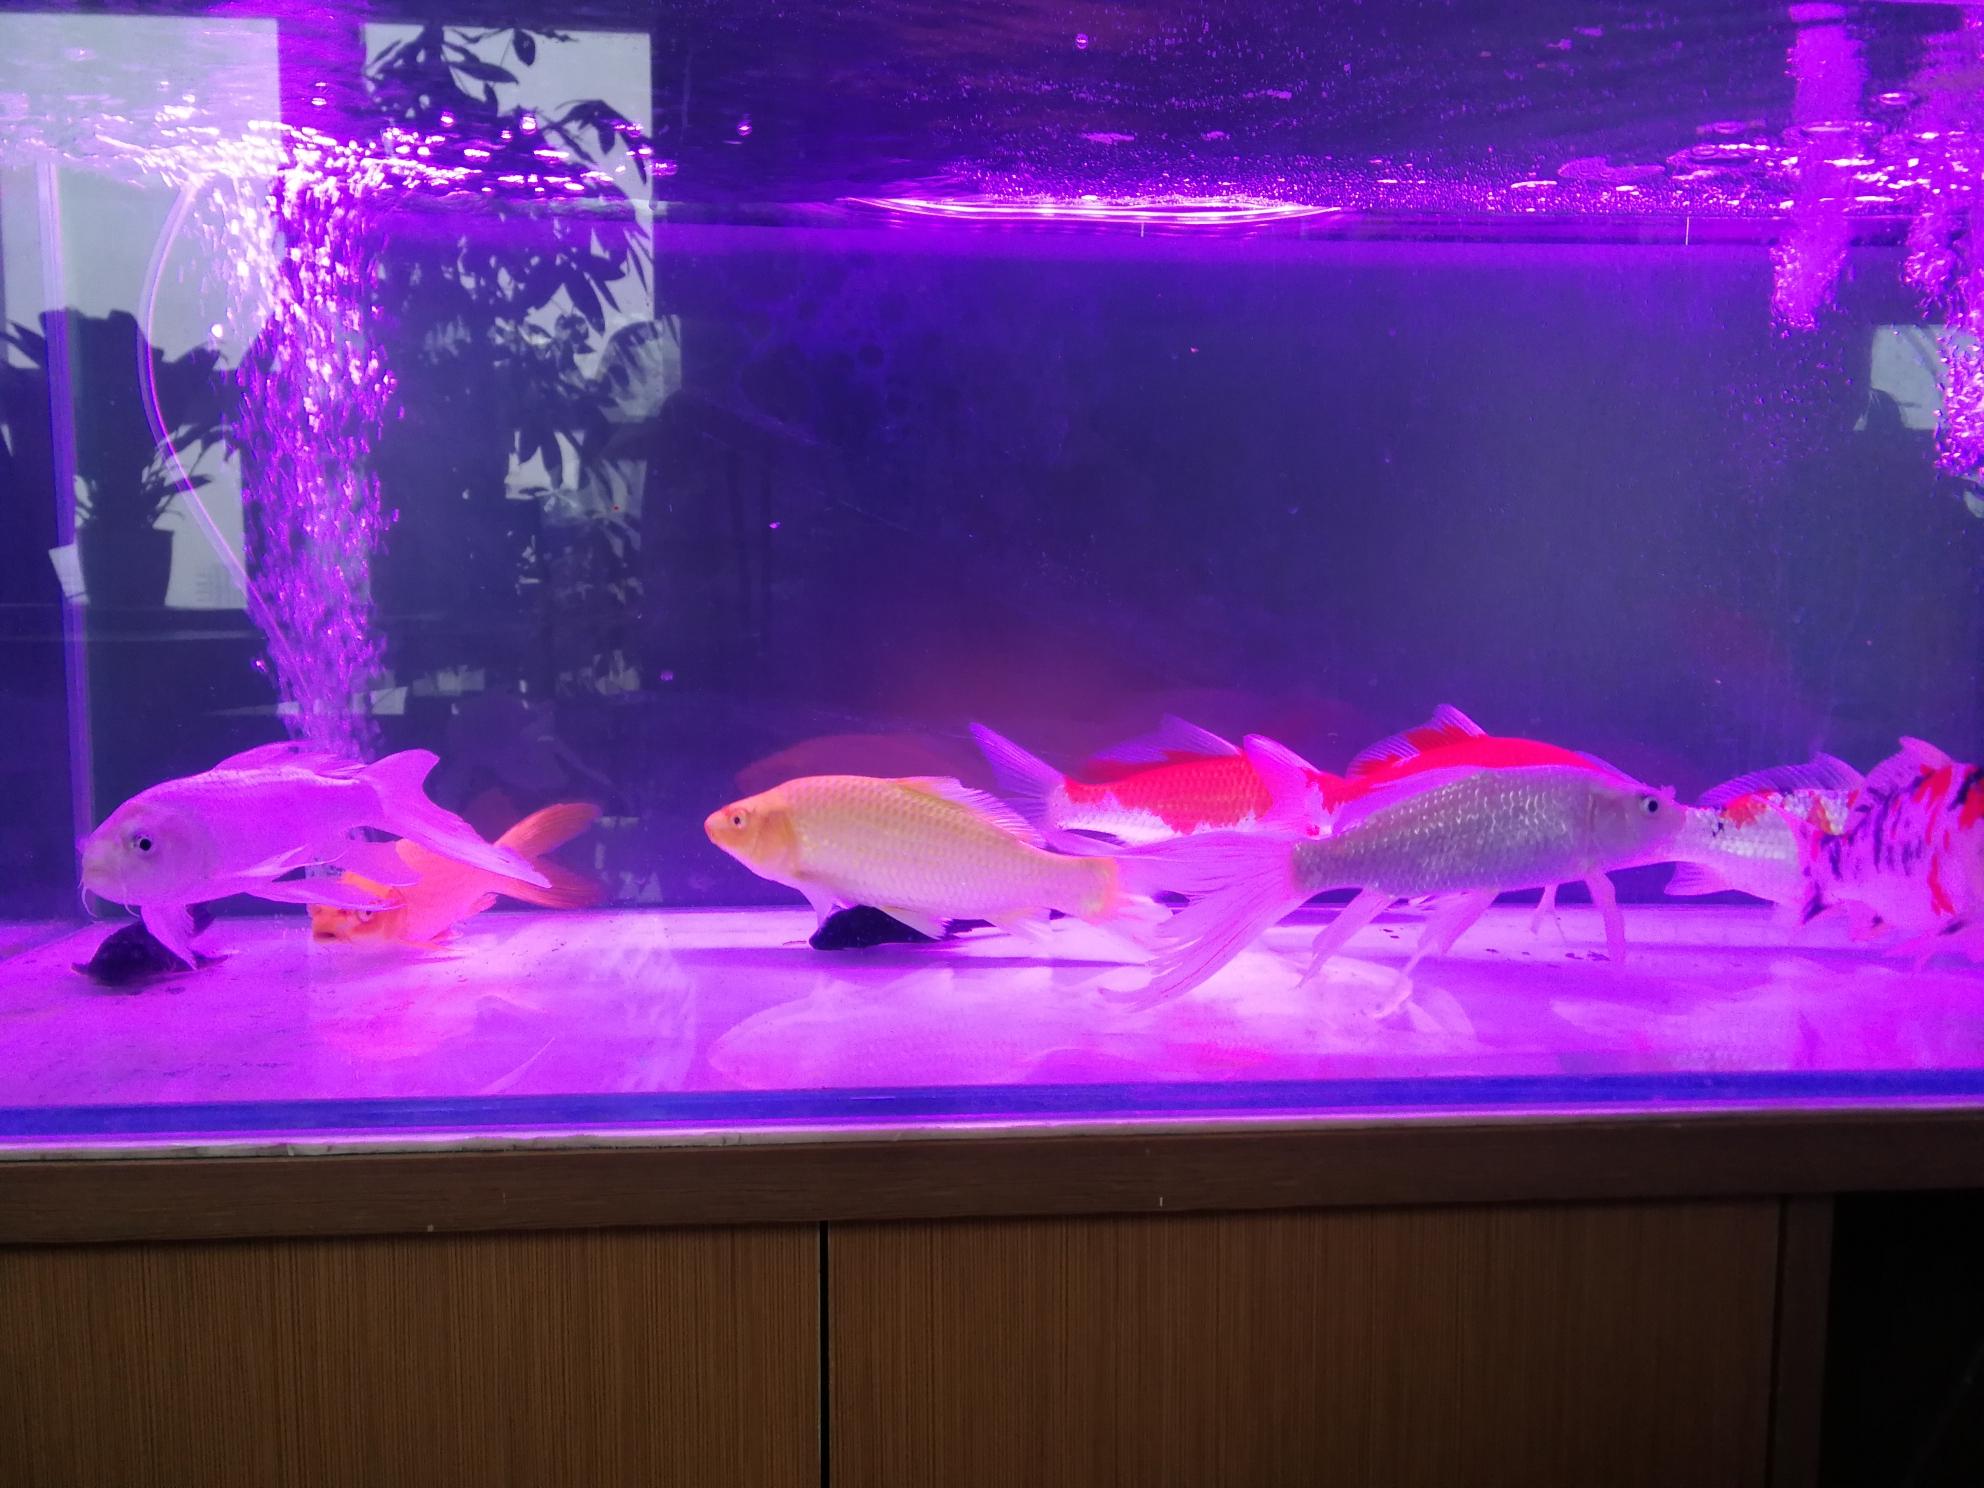 新引錦鯉 吉林龍魚論壇 吉林龍魚第5張